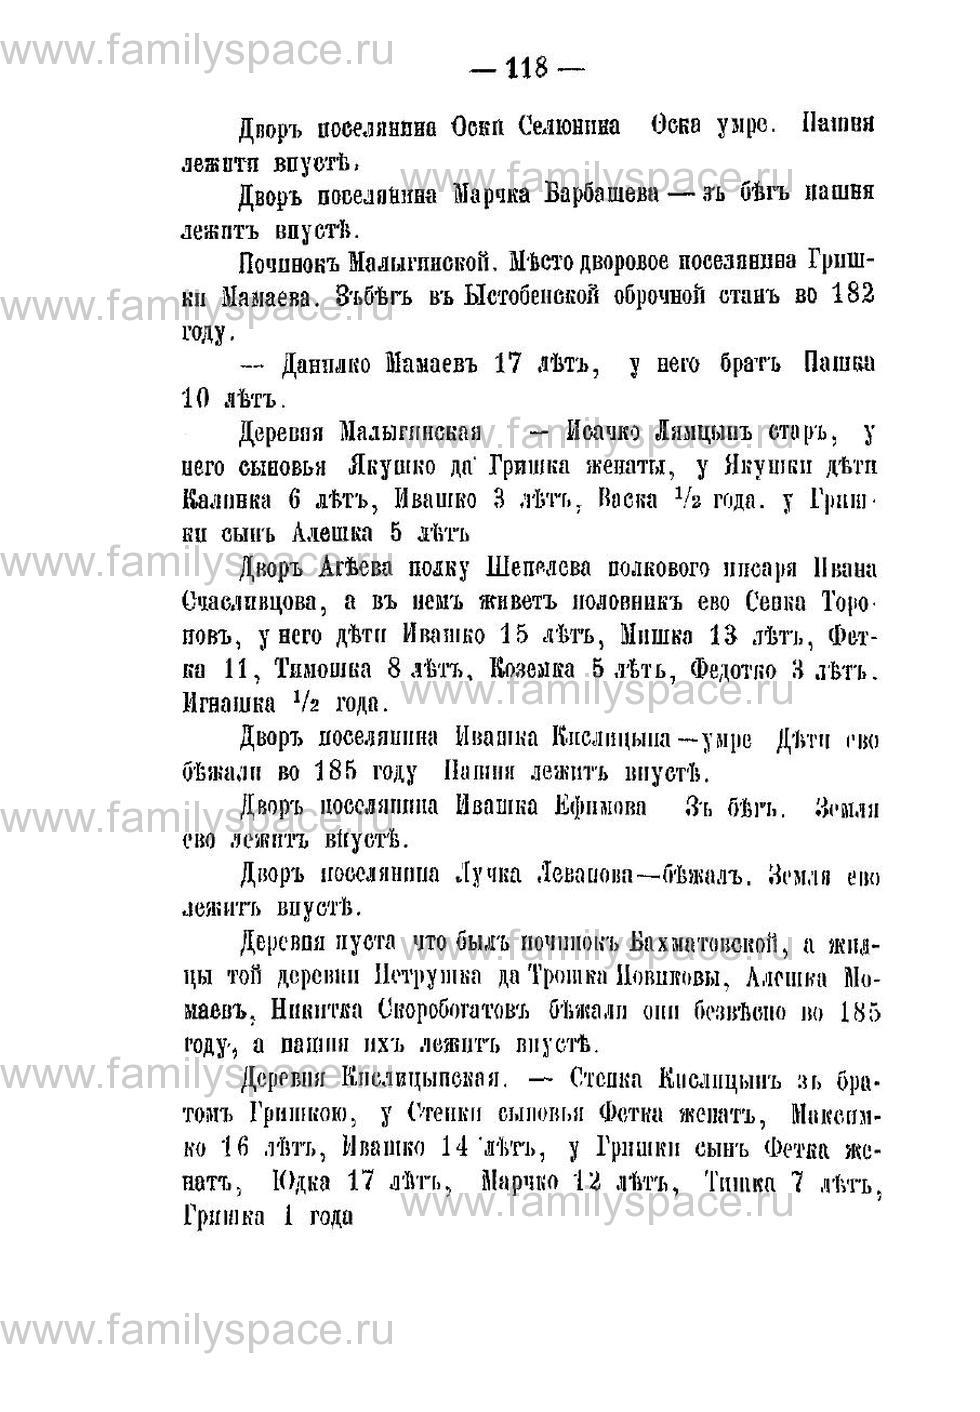 Поиск по фамилии - Переписная книга Орлова и волостей 1678 г, страница 114